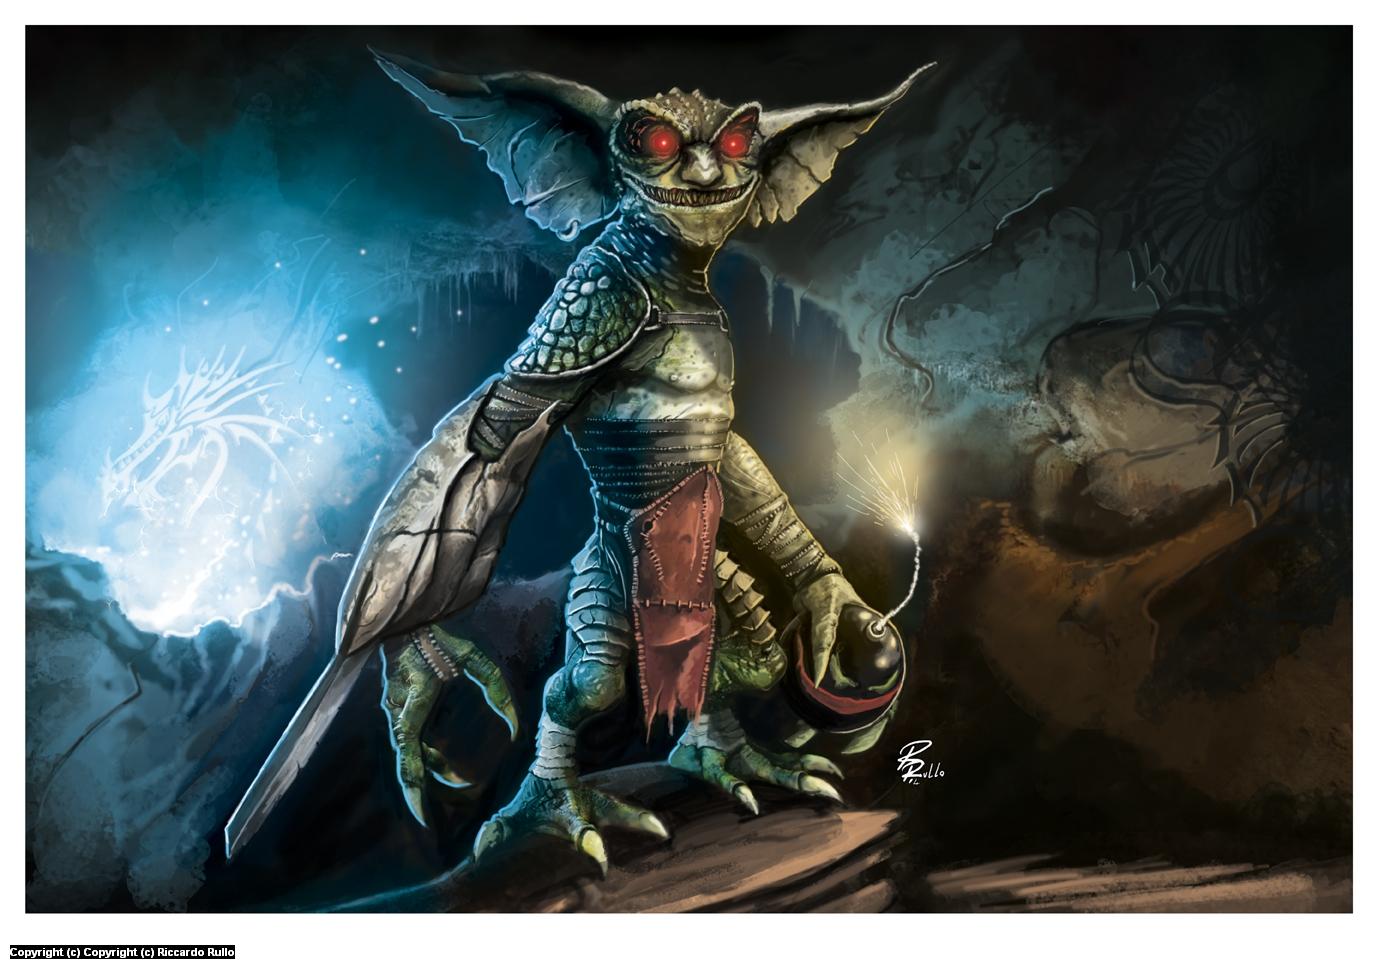 Goblin! Artwork by Riccardo Rullo